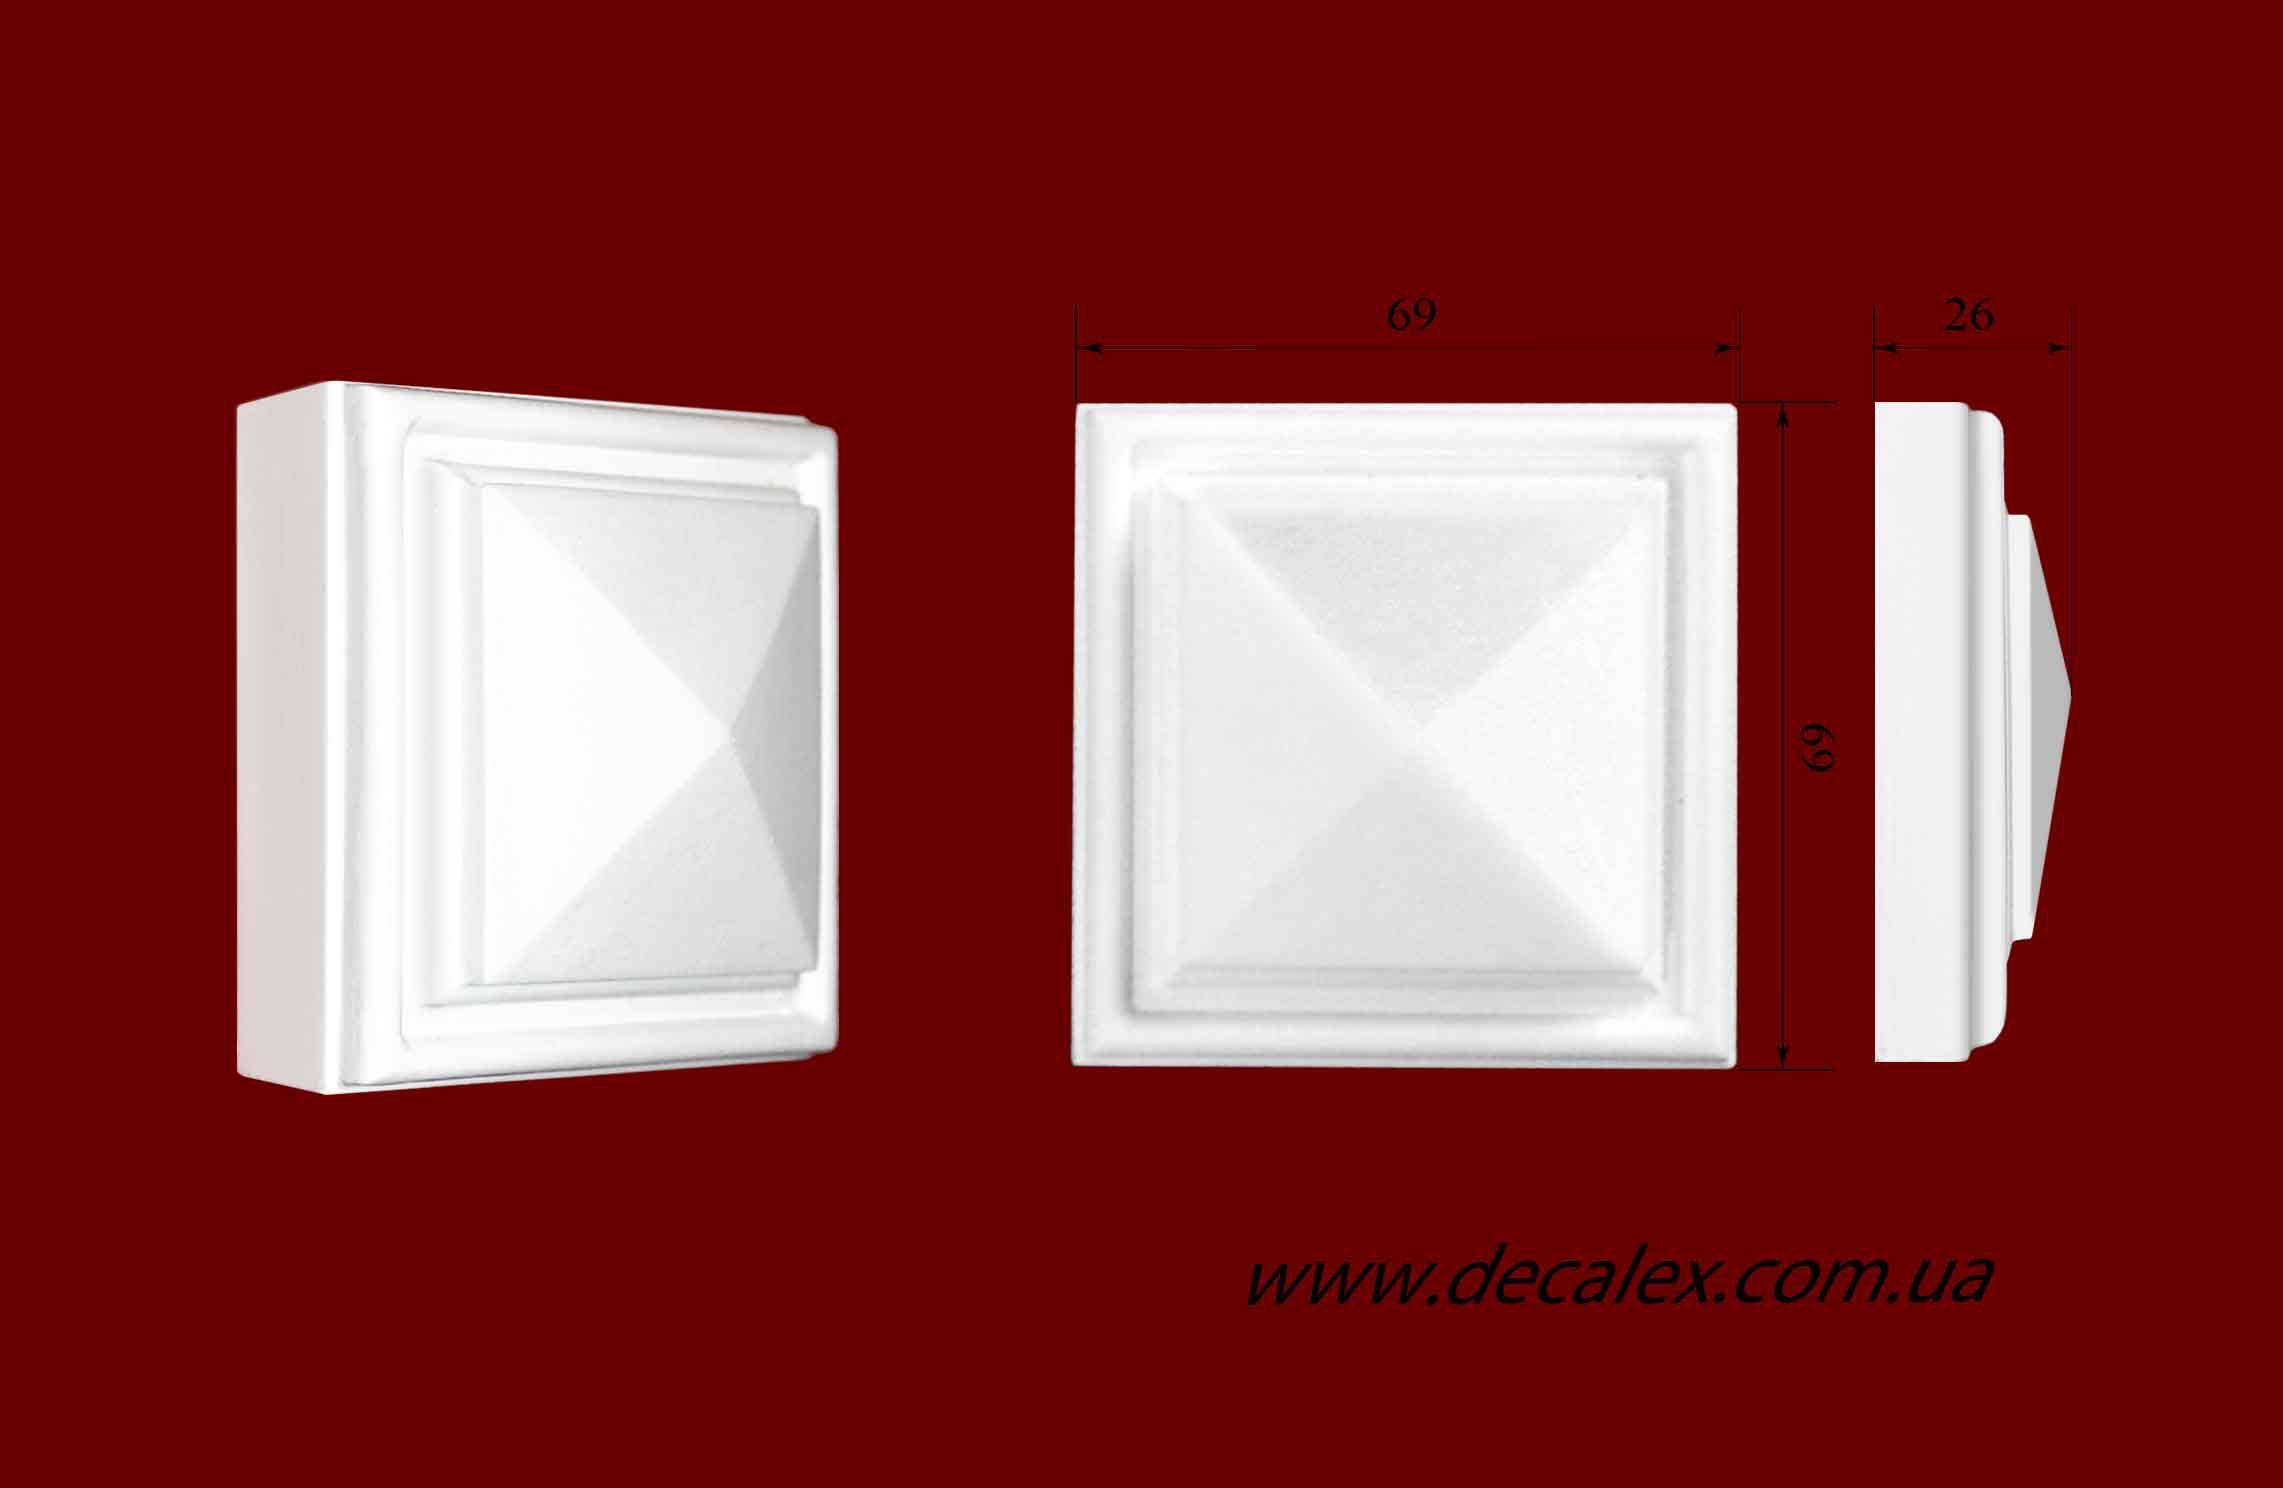 Код товара КВ0012.  Элемент оформления дверных проемов: квадратная вставка из гипса. Розничная цена 45 грн./шт.